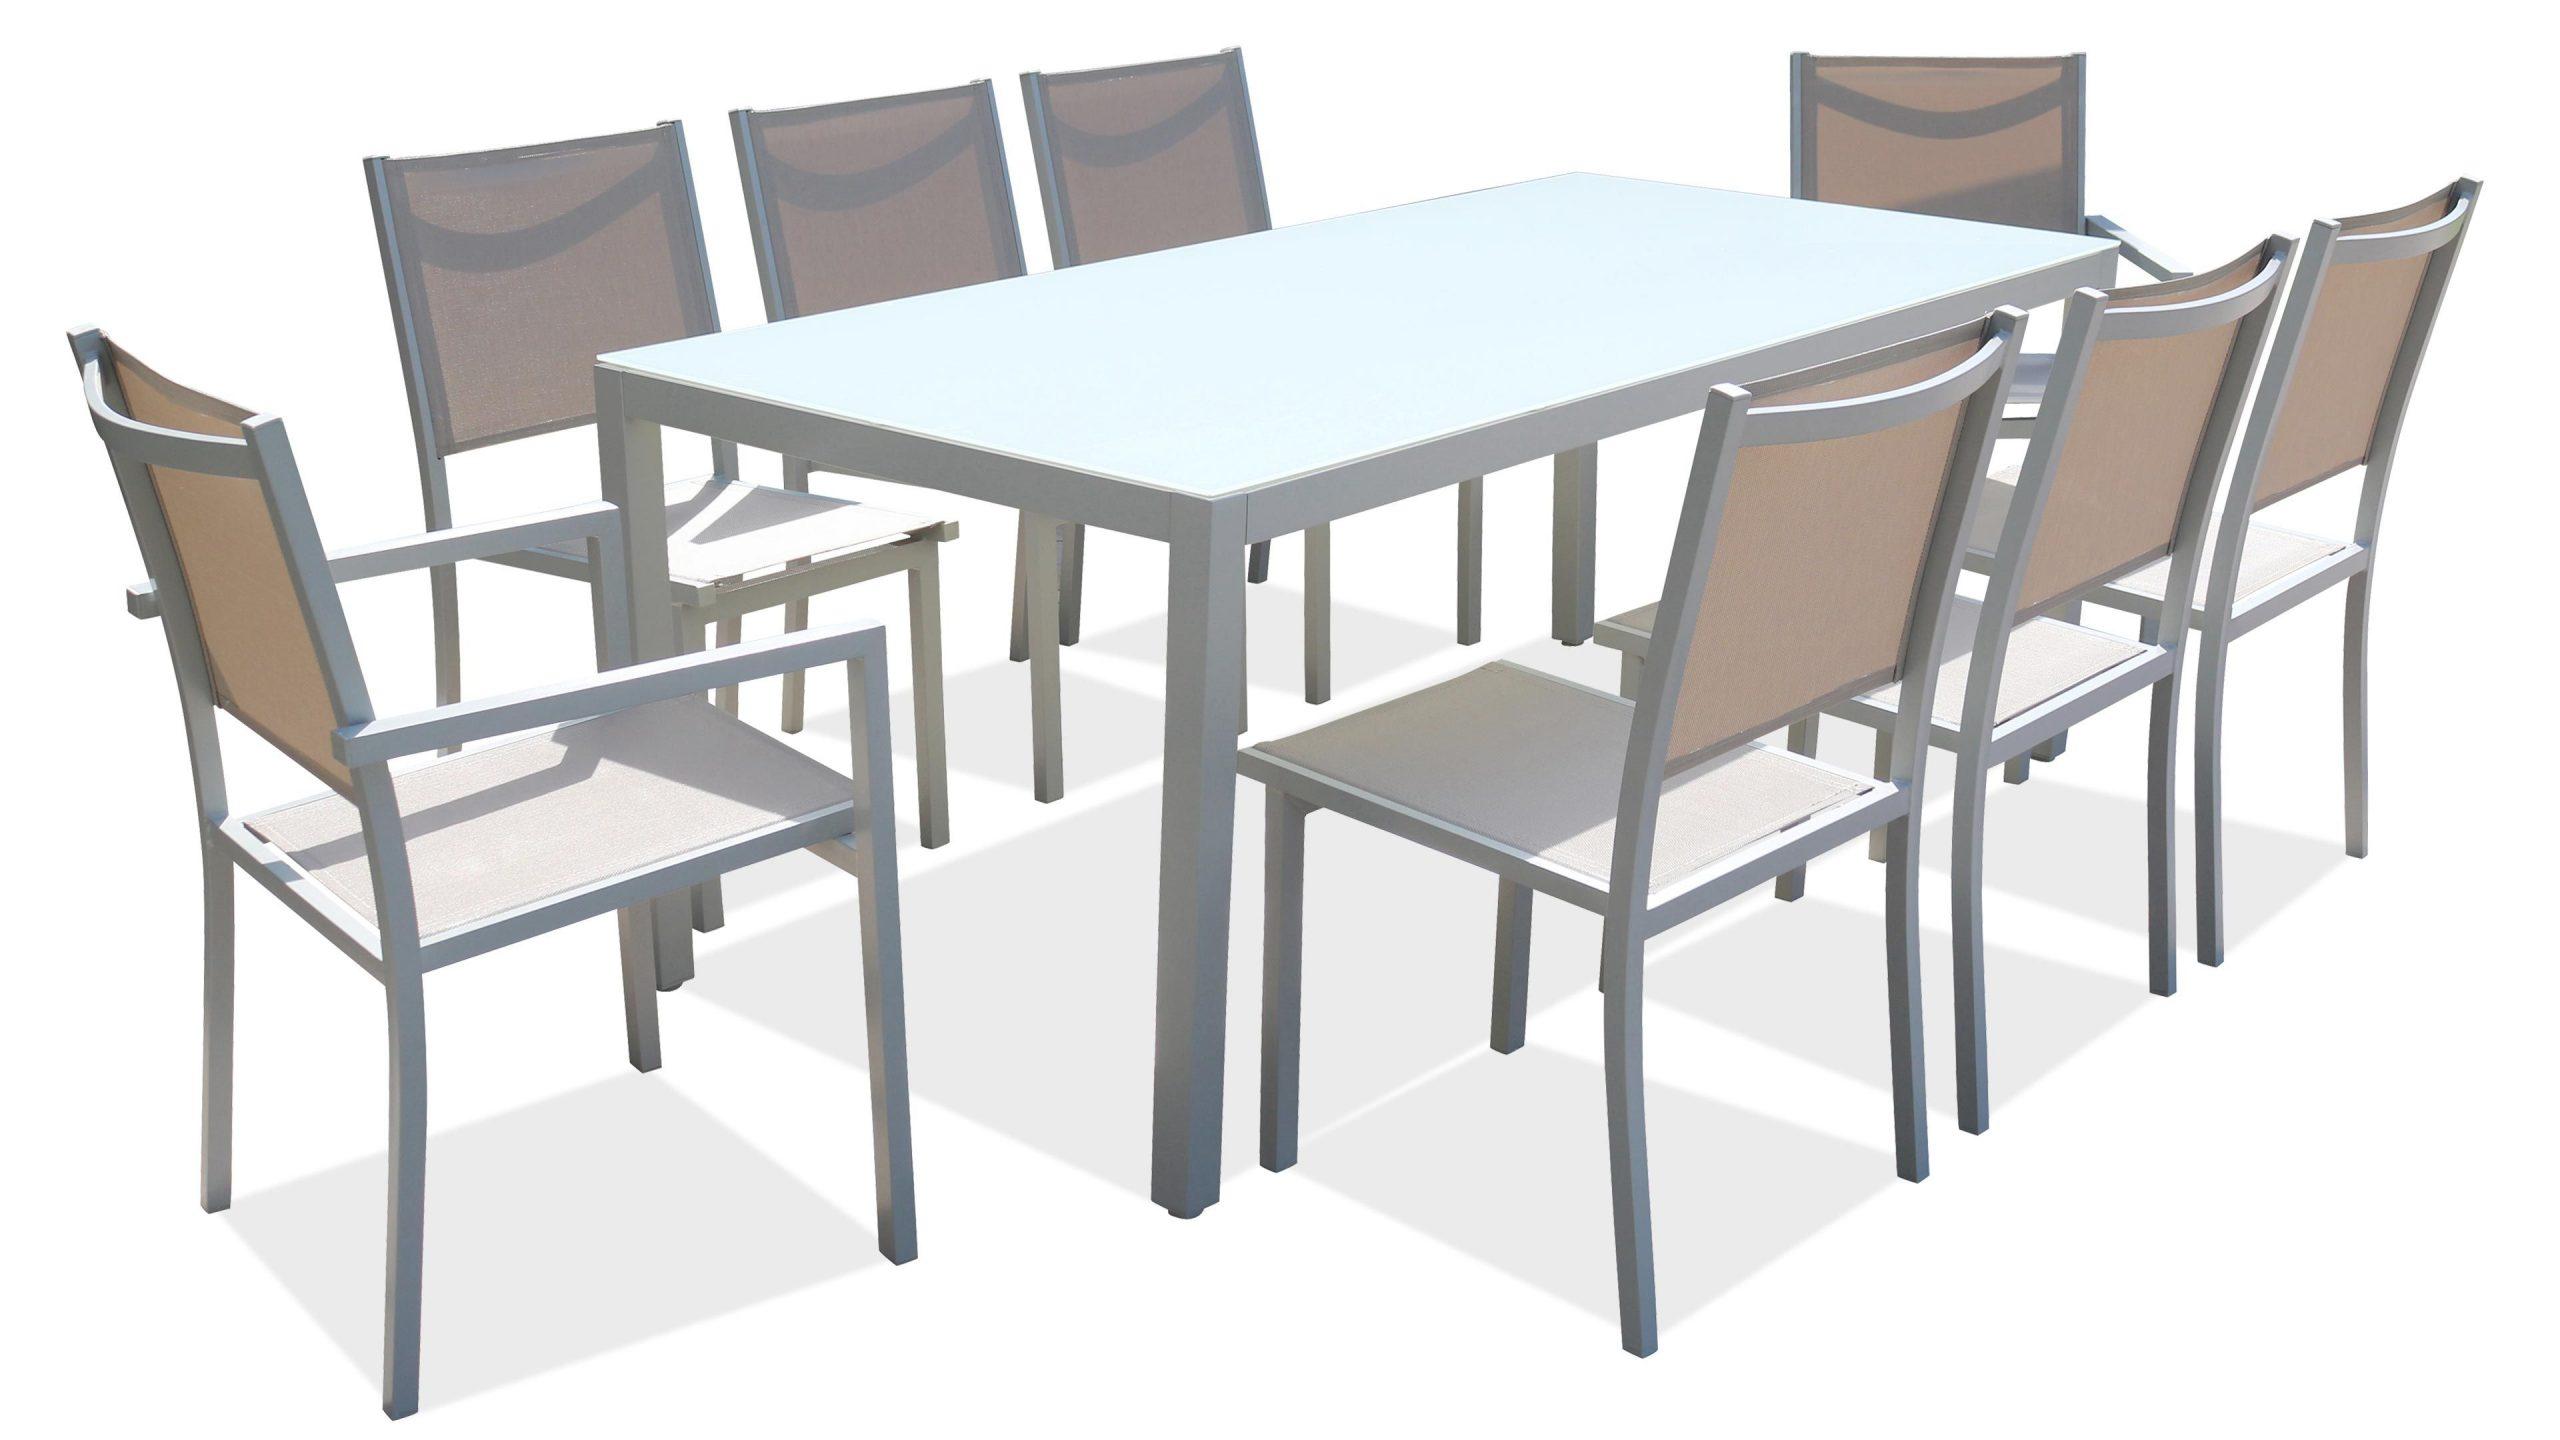 Salon De Jardin Aluminium Table De Jardin 8 Places à Table Et Chaise De Jardin Solde